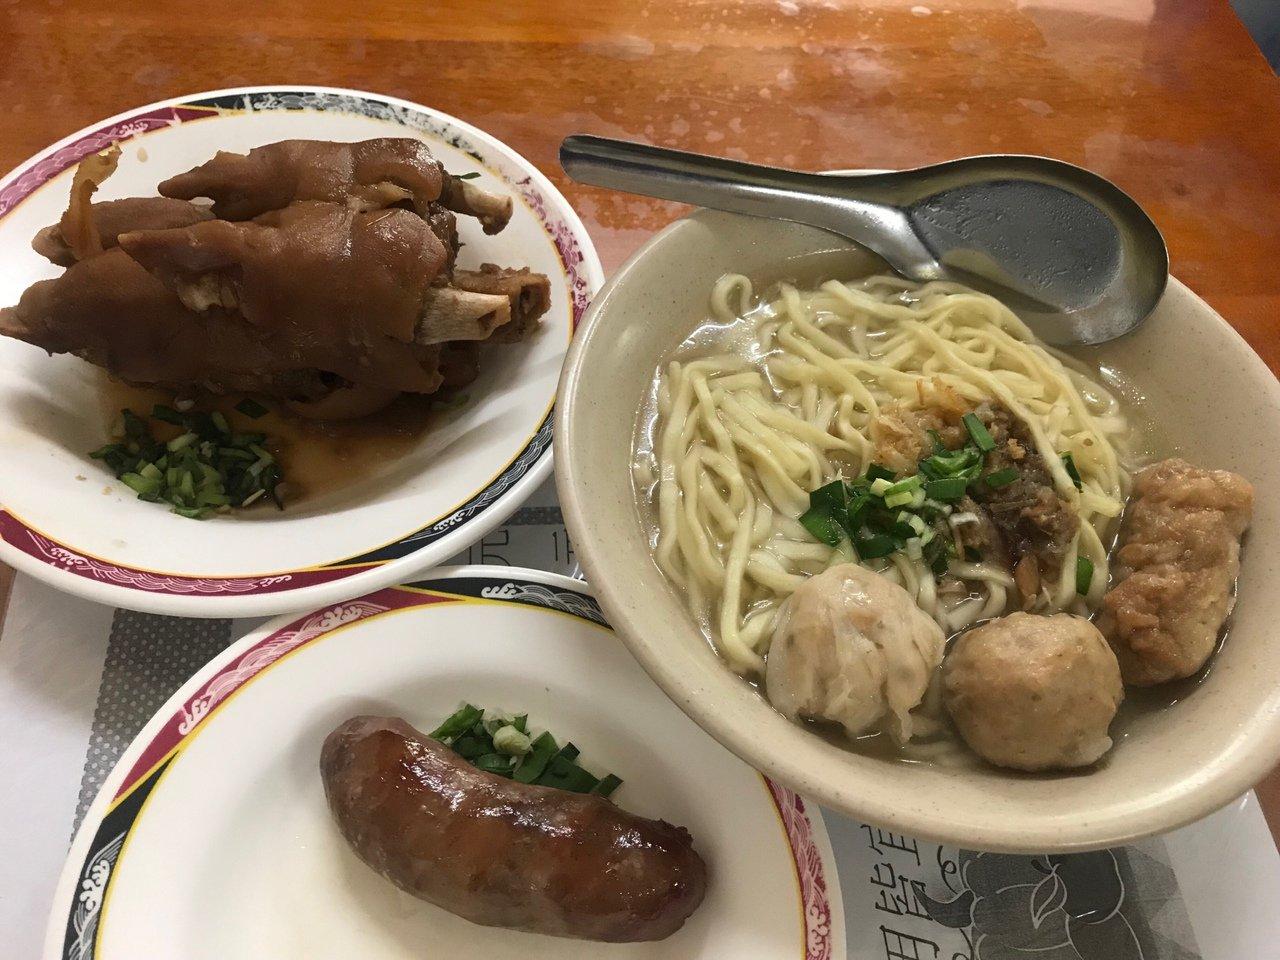 總統蔡英文7月底到彰化市陳稜路吃知名的貓鼠麵,業者乾脆推出160元的總統套餐,套...